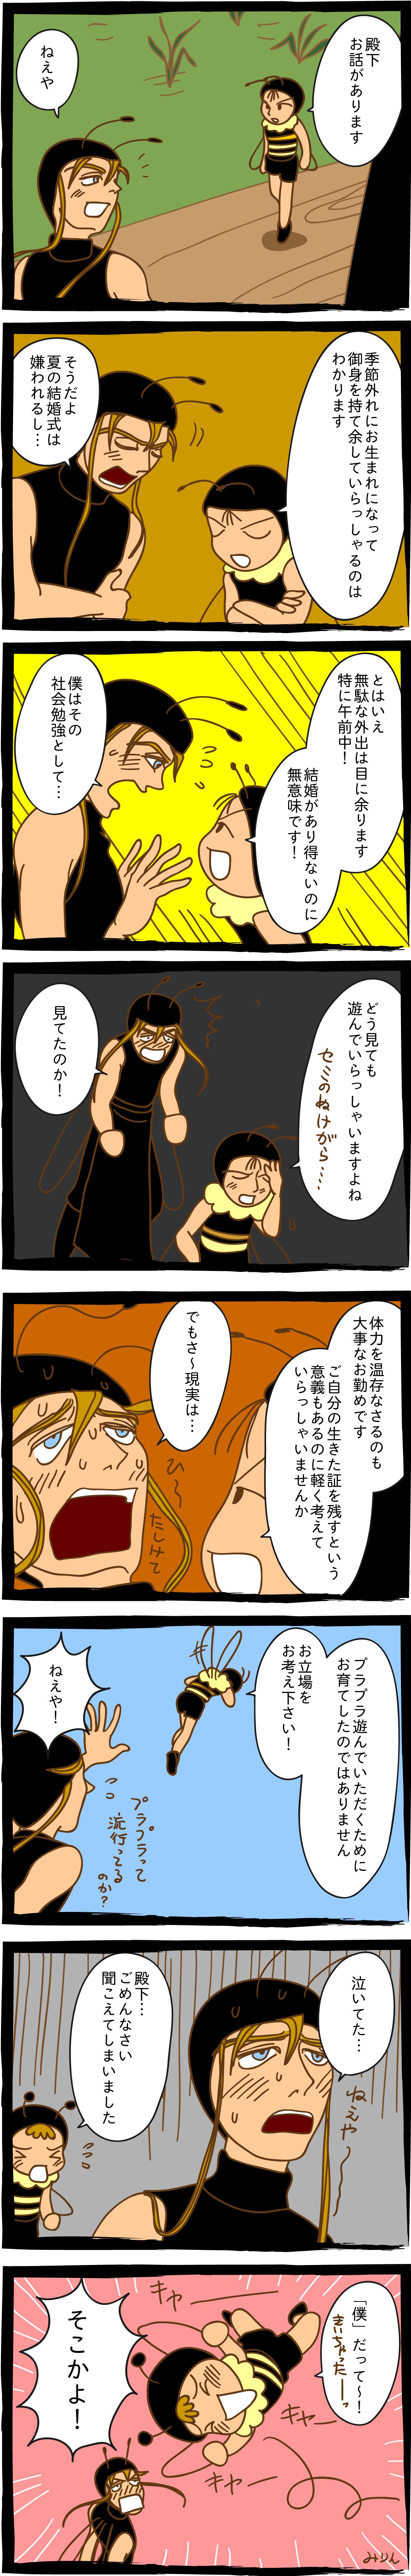 みつばち漫画みつばちさん:27. お小言